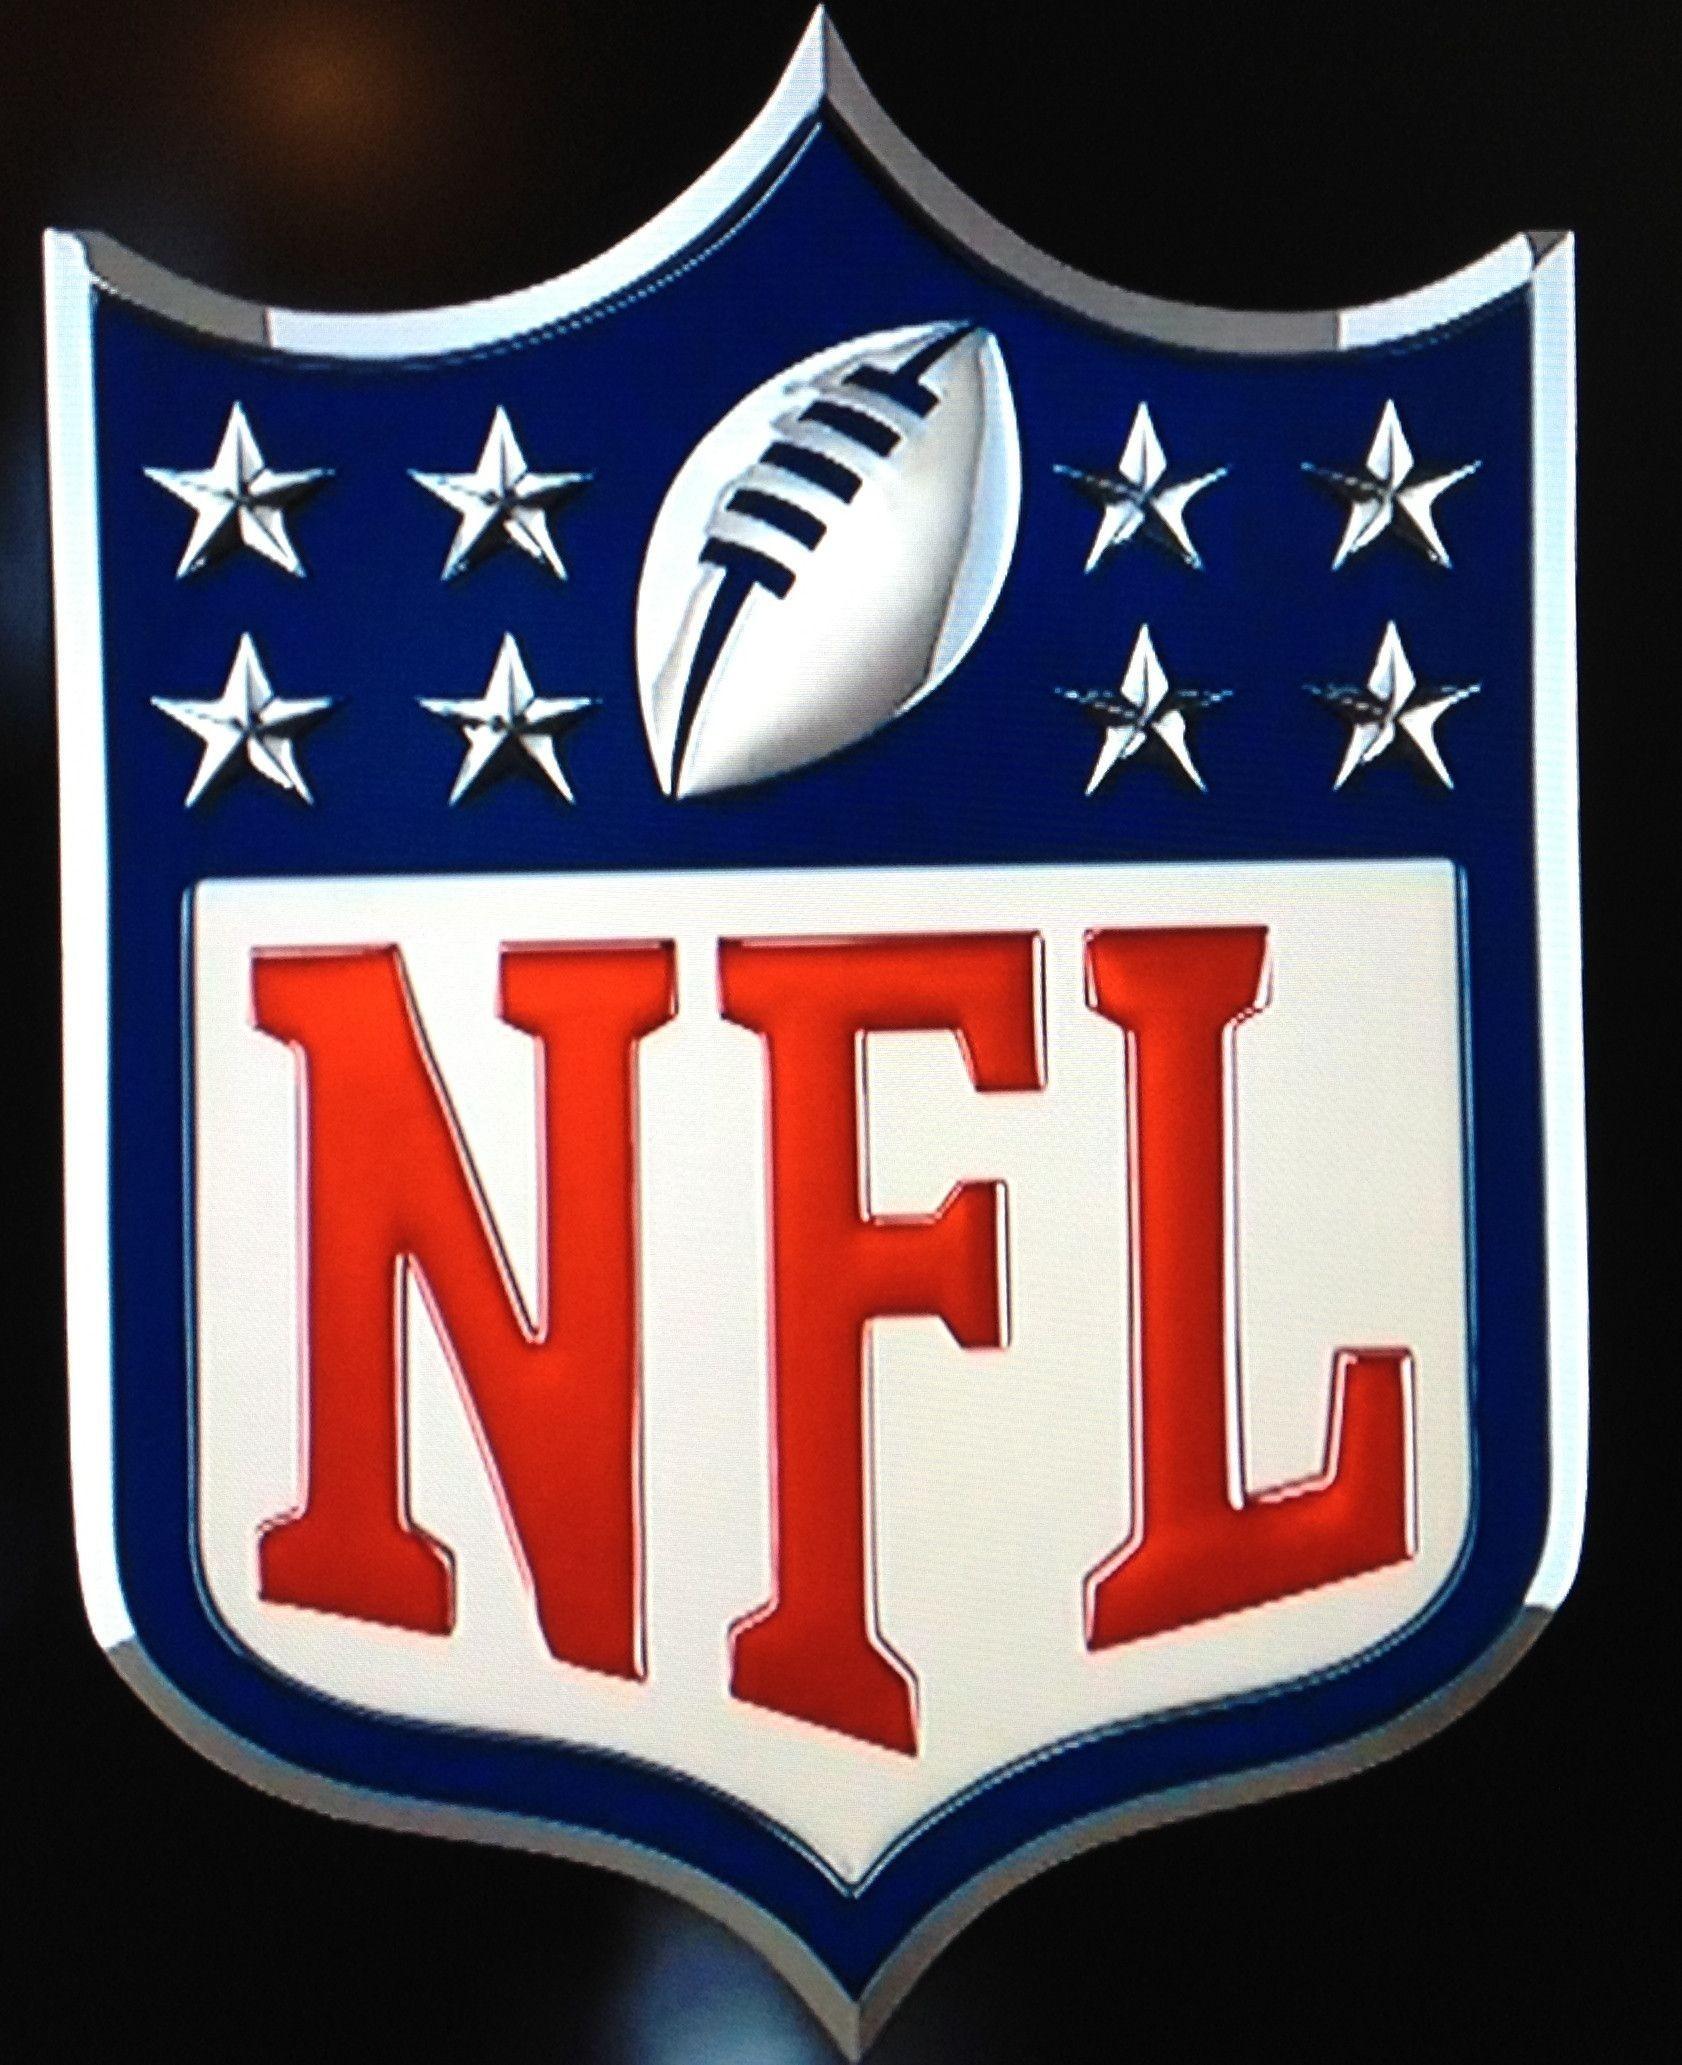 Hd Chiefs Wallpaper: NFL Team Logos Wallpaper (52+ Images